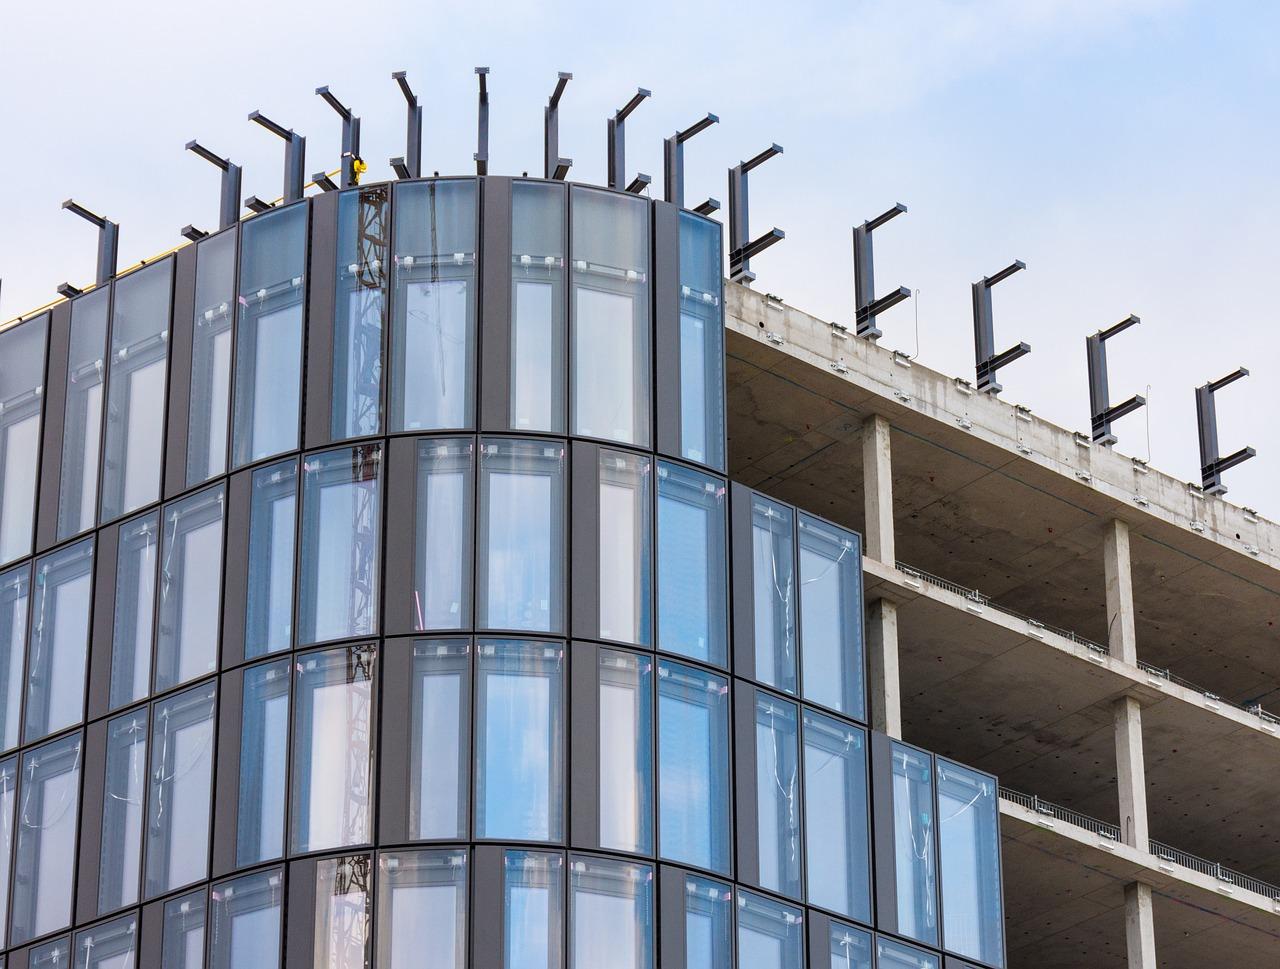 glass-facade-2512525_1280